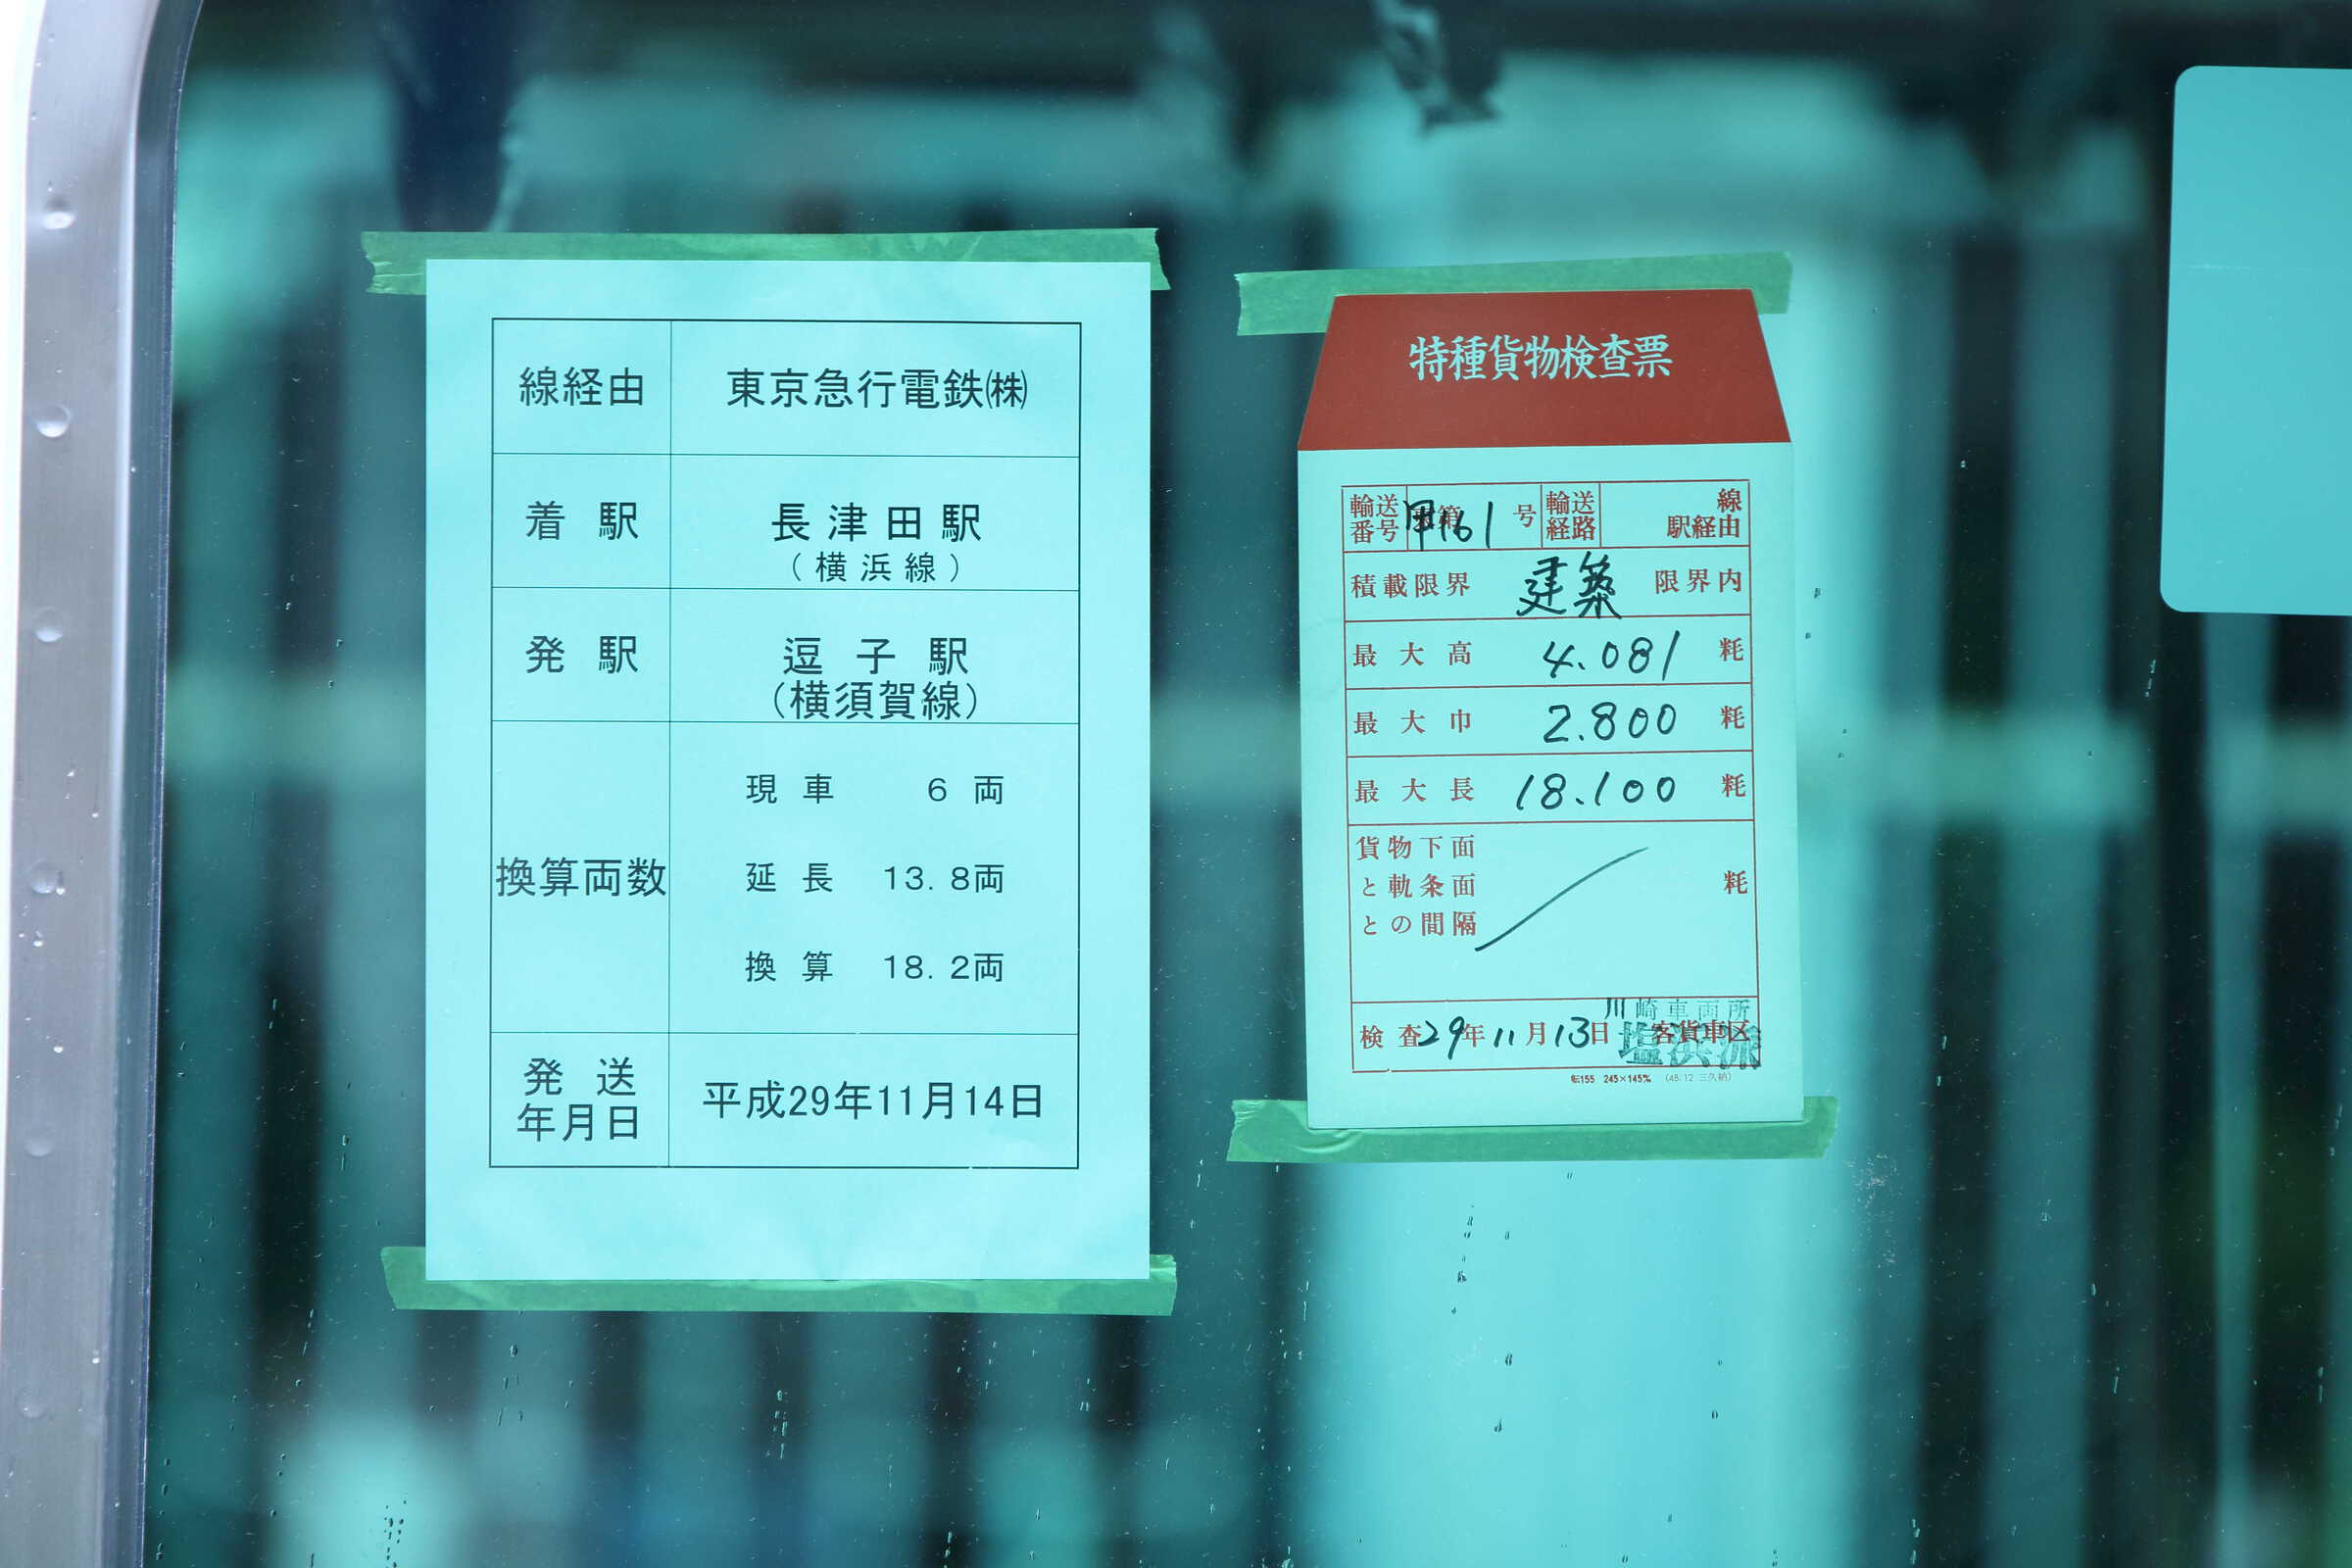 甲161(逗子〜長津田) 特種貨物検査票